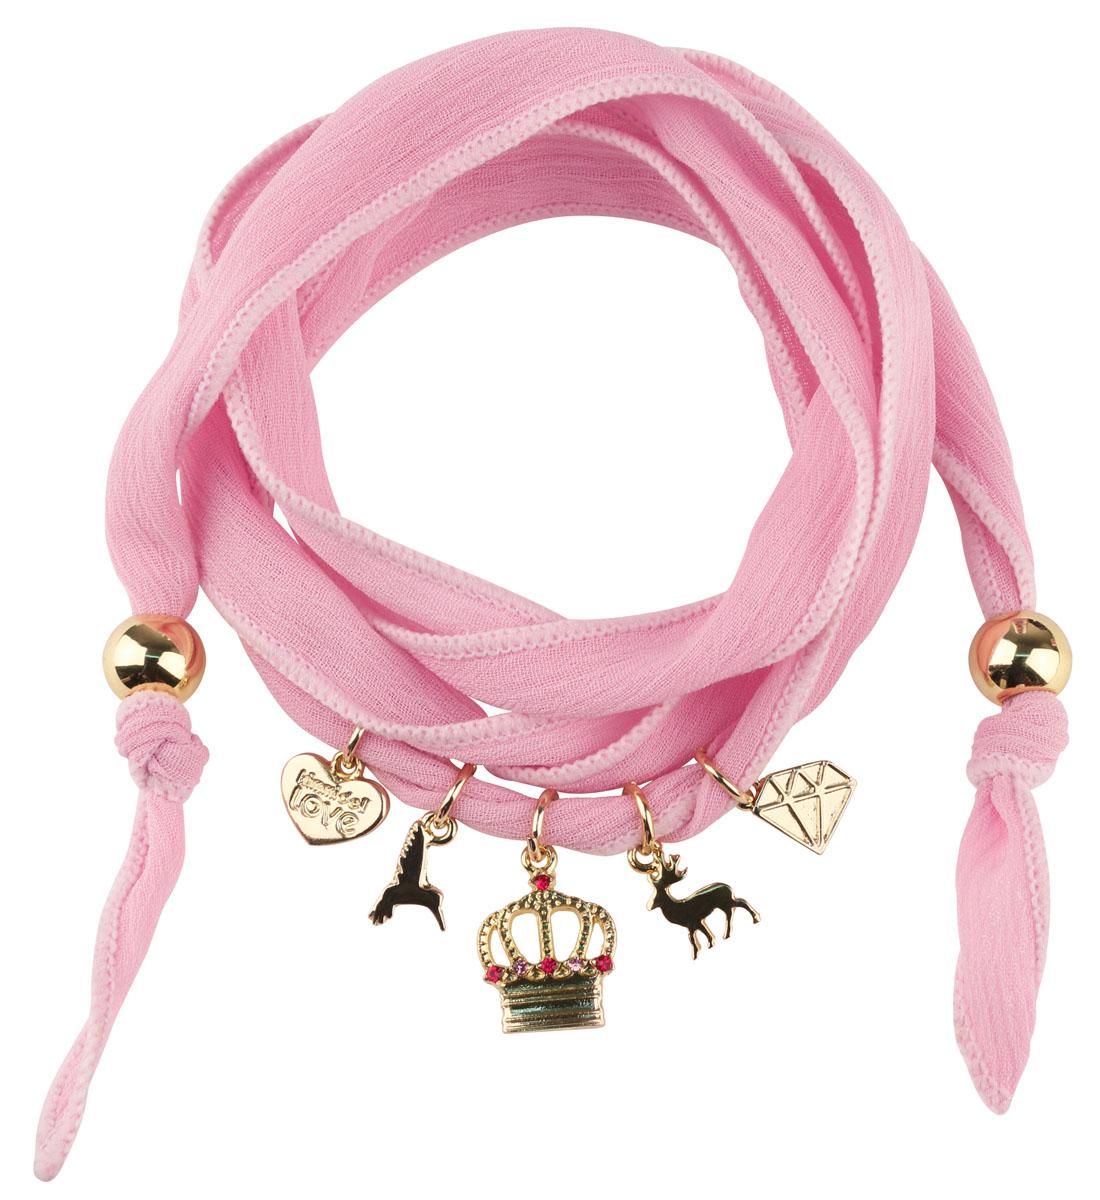 Женский браслет Kimmidoll Примроуз (Величие и богатство)KLF228Очаровательный браслет, выполненный из шифона, оформлен подвесками в виде сердца, короны, кристалла и оленя. Концы браслета оформлены бусинами. Изделие упаковано в подарочную коробку. Такой браслет прекрасно подойдет к вашему образу. Его можно повязать не только на руку, но и на шею или даже на любимую сумочку. Привет, меня зовут Примроуз! Я талисман богатства и величия. Скромность никогда не была частью вашей жизни! Возможно, приходится притворяться, но когда вы начинаете танцевать - можно держать пари, ваша шаловливая натура не заставит себя долго ждать!